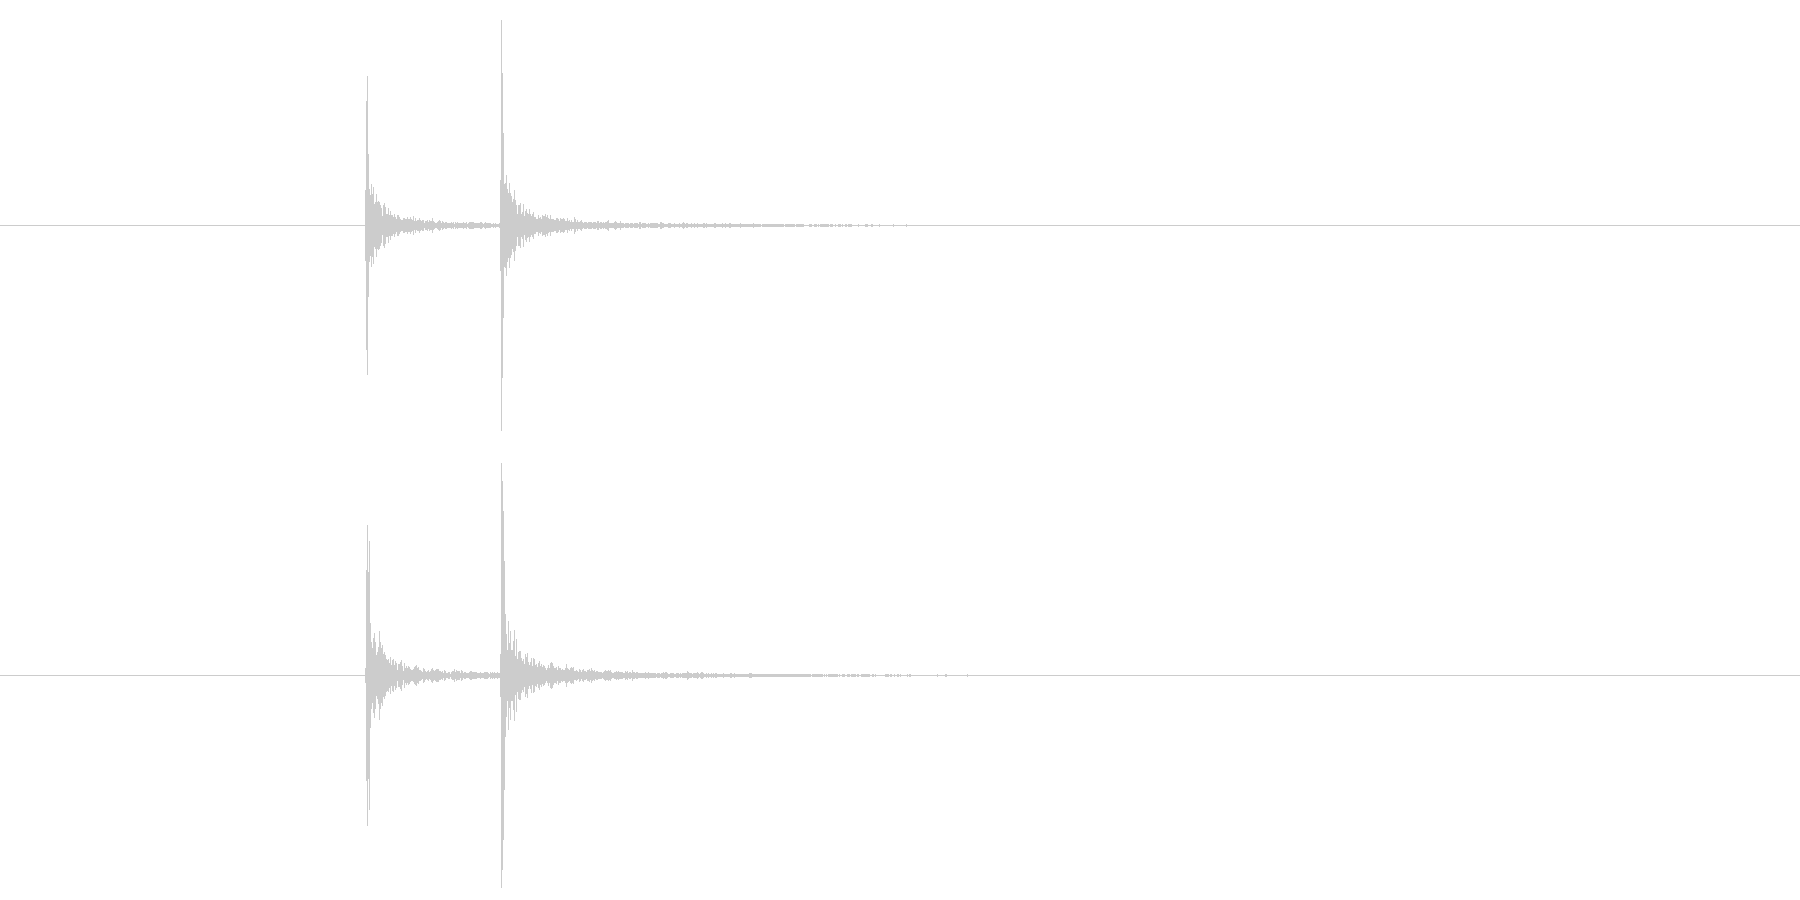 「カカン」という2発の軽い太鼓の縁の音の未再生の波形